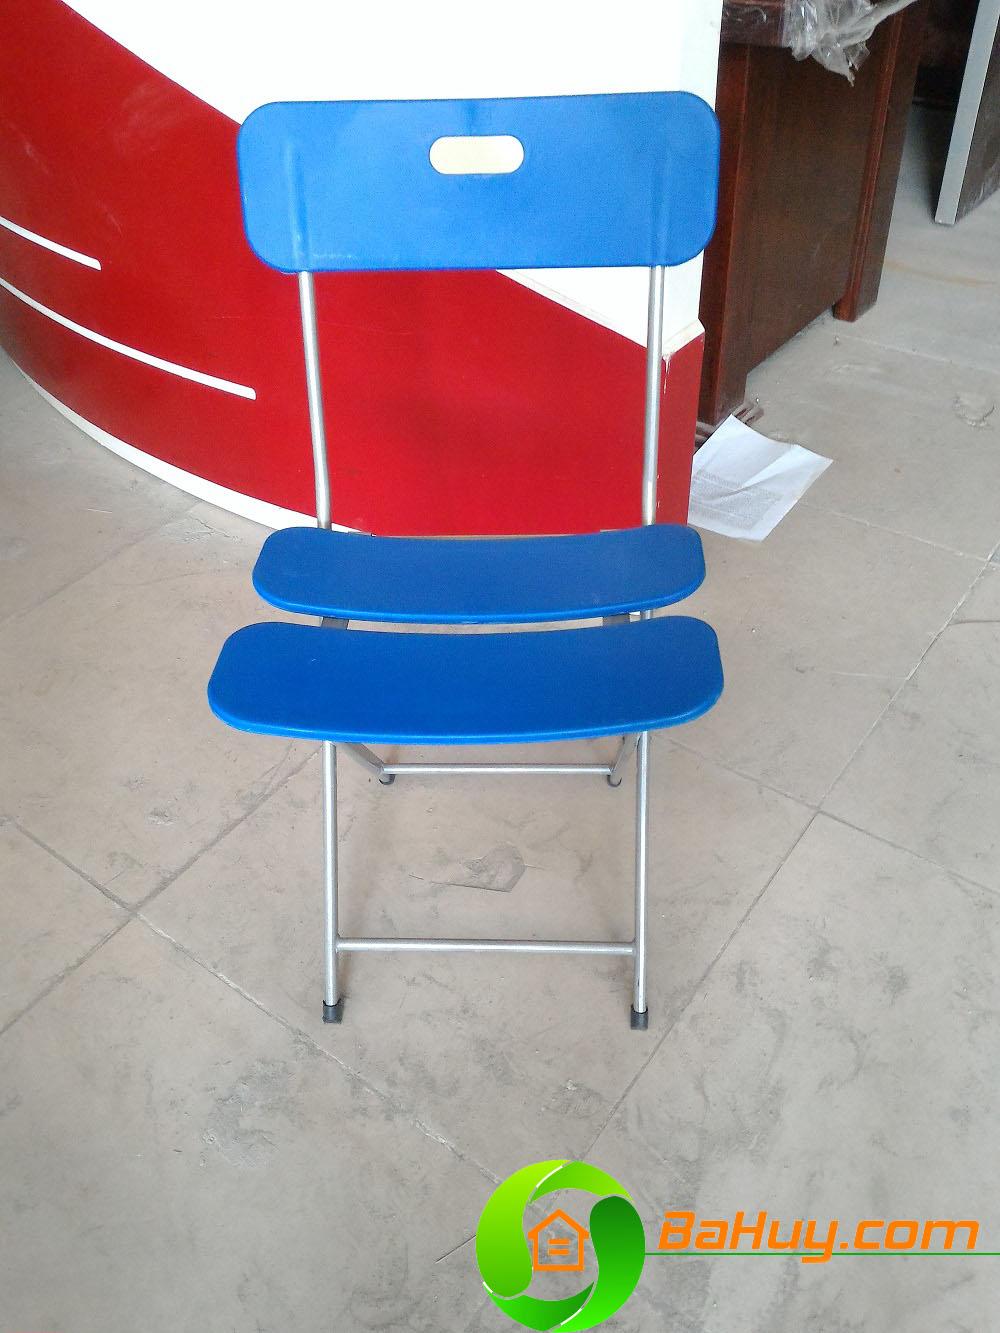 Ghế ghấp chân sơn lưng nhựa xanh